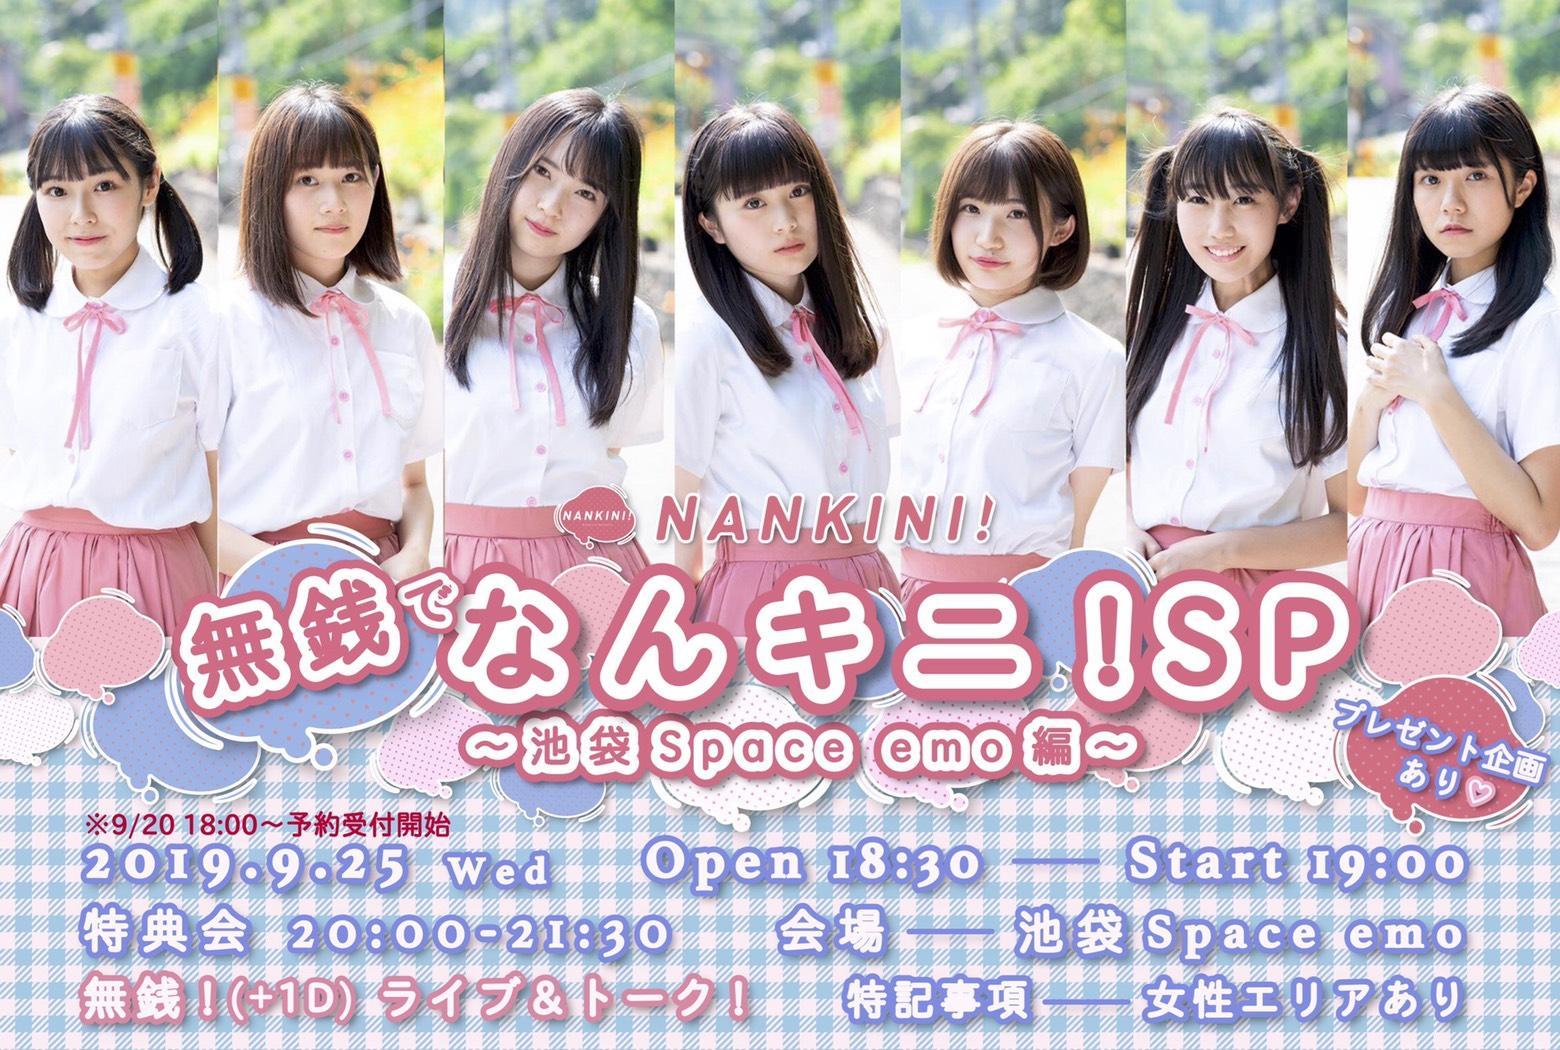 9/25(水) 無銭でなんキニ!SP 〜池袋Space emo編〜